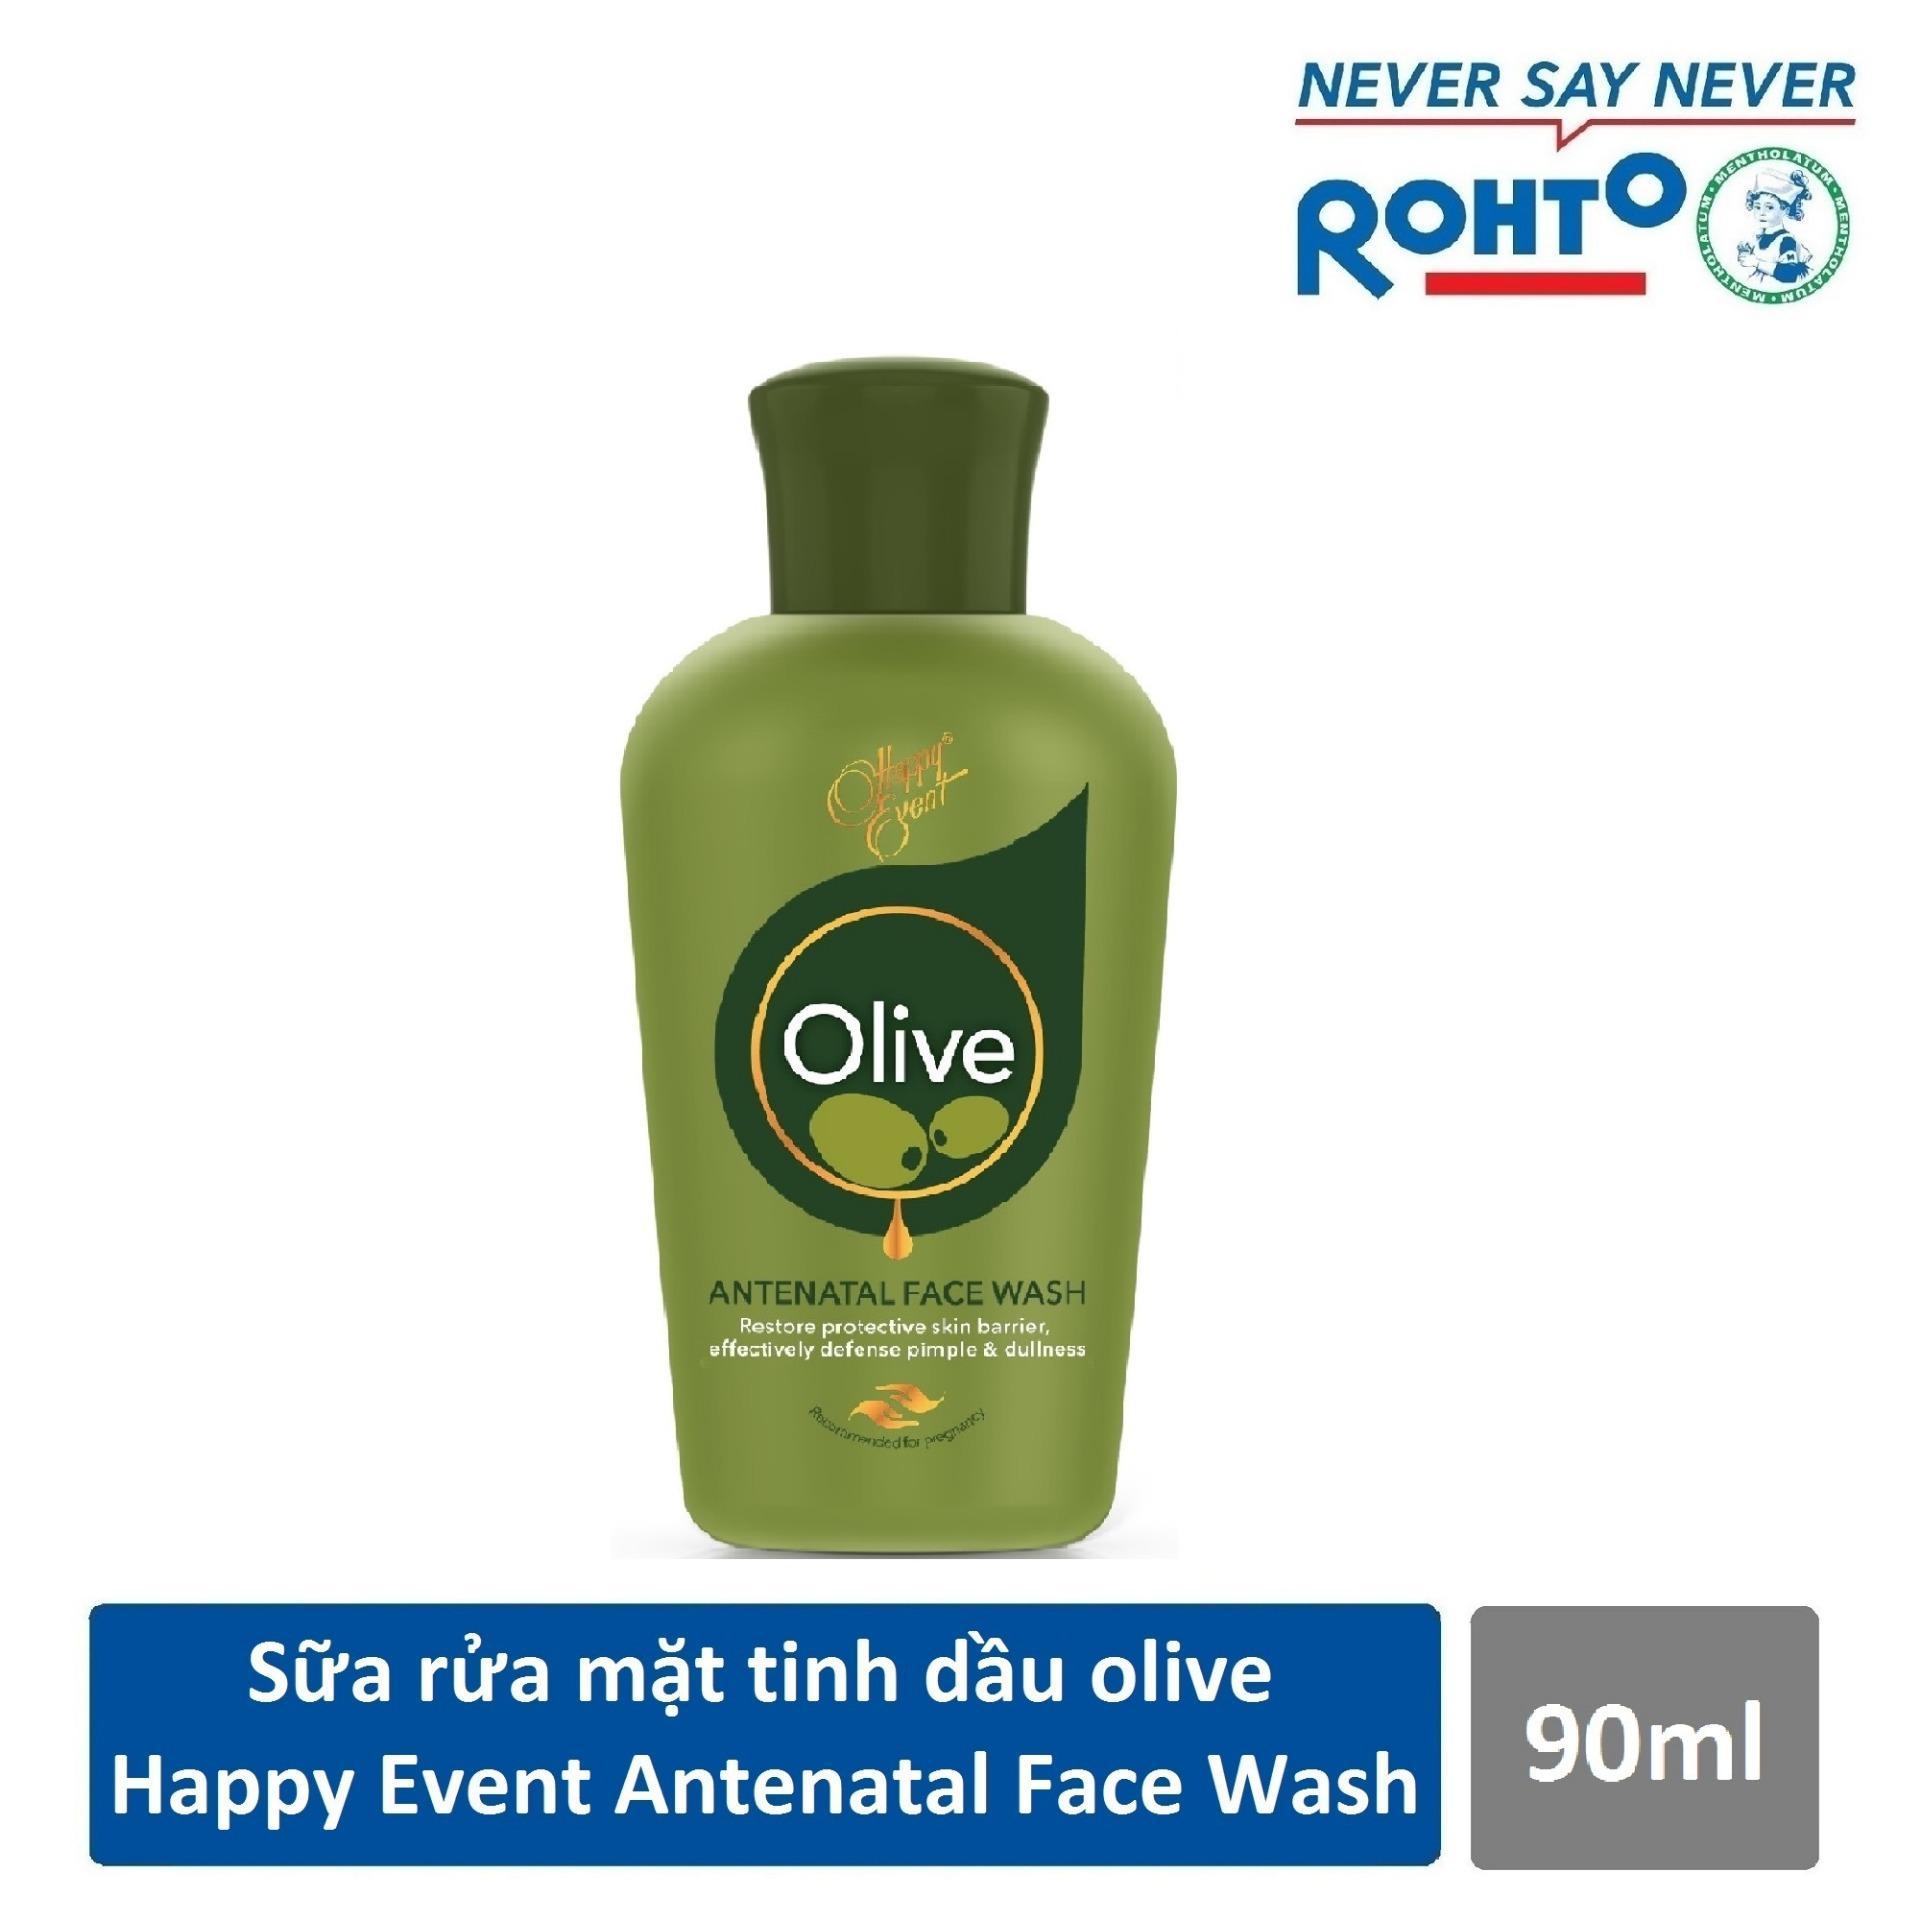 Sữa rửa mặt tinh dầu olive ngừa mụn Happy Event Antenatal Face Wash 90ml